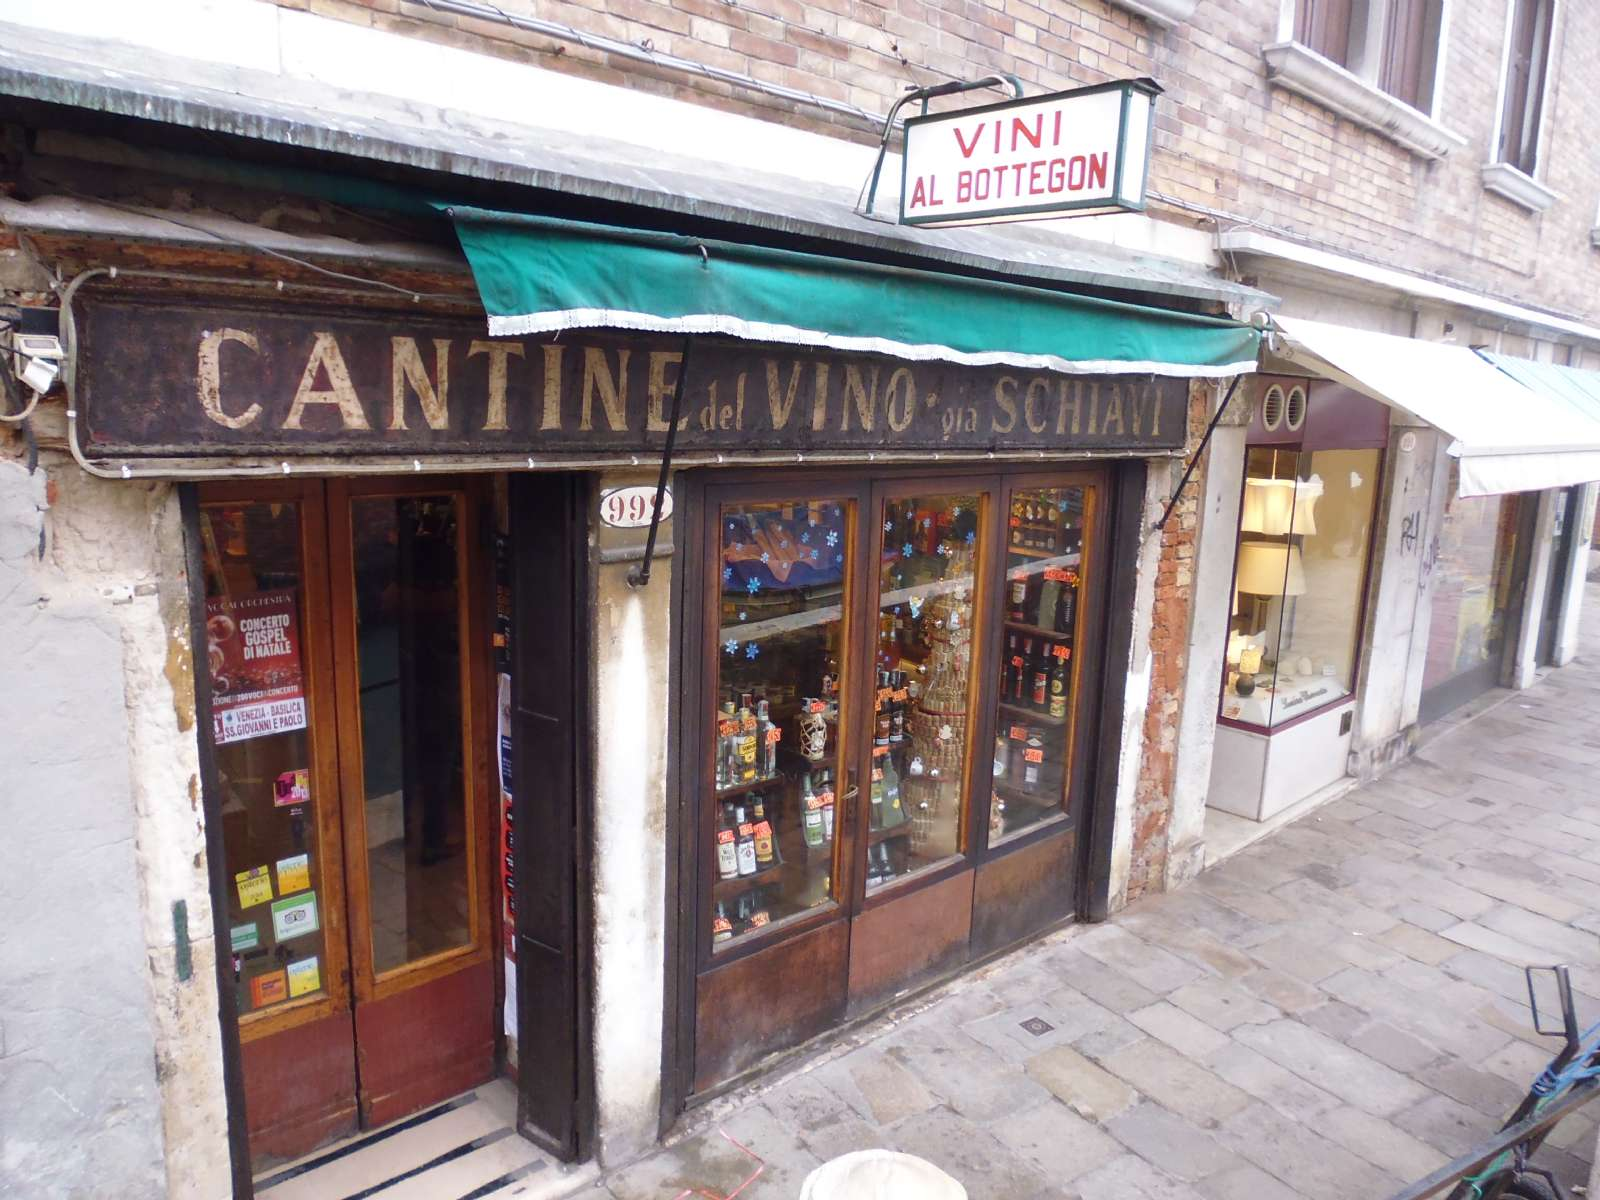 Ein malerischer Laden in Venedig